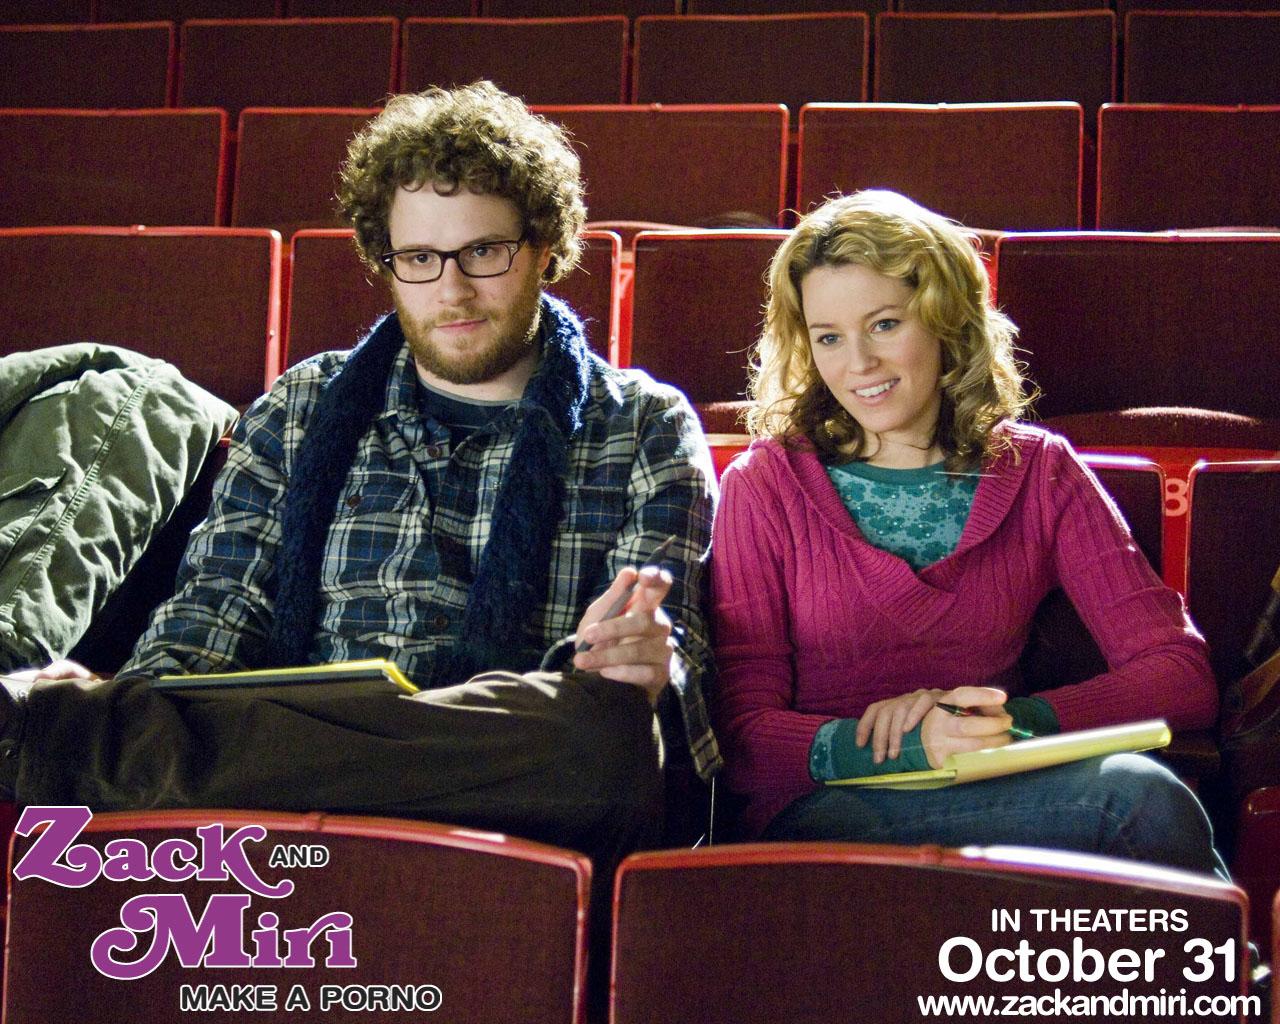 Zack and Miri Hintergrund